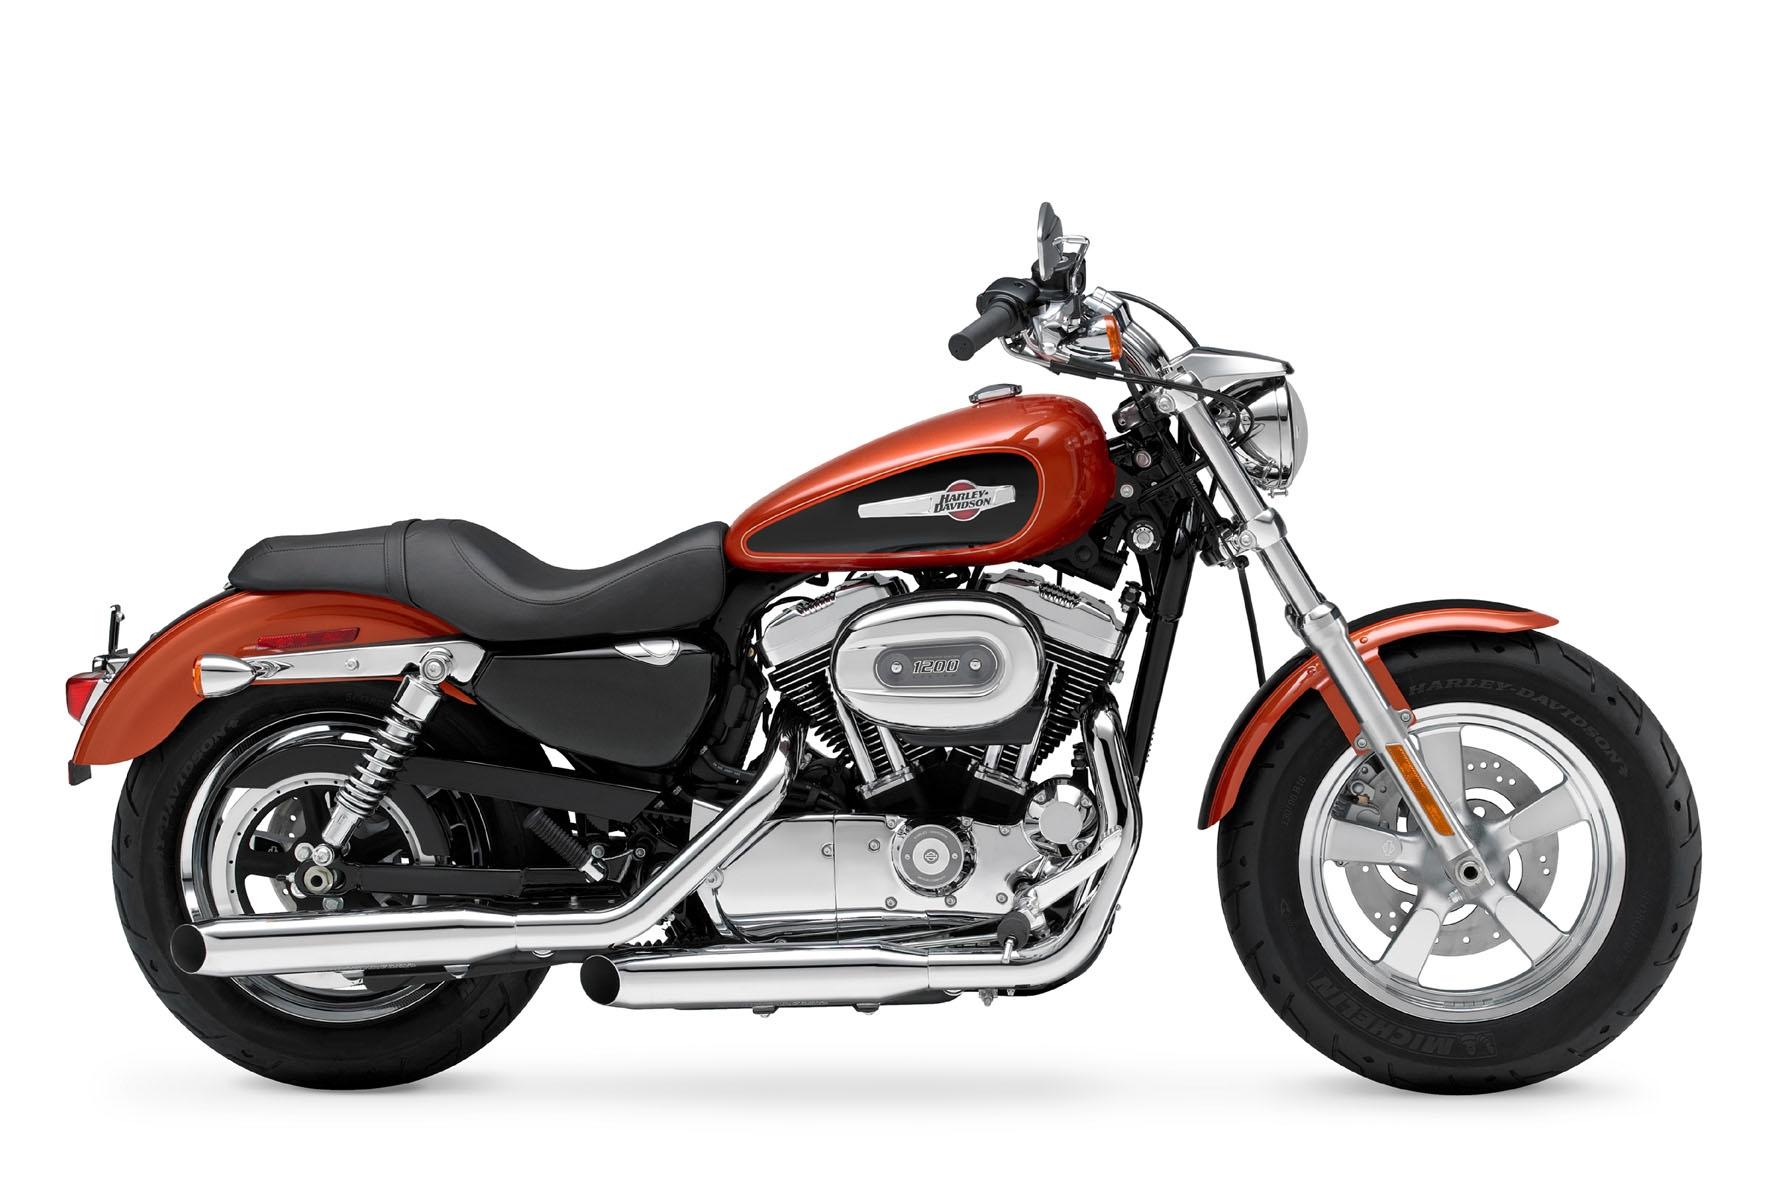 O peso é elevado mas o banco e o centro de gravidade baixos facilitam a pilotagem da Harley XL 1200